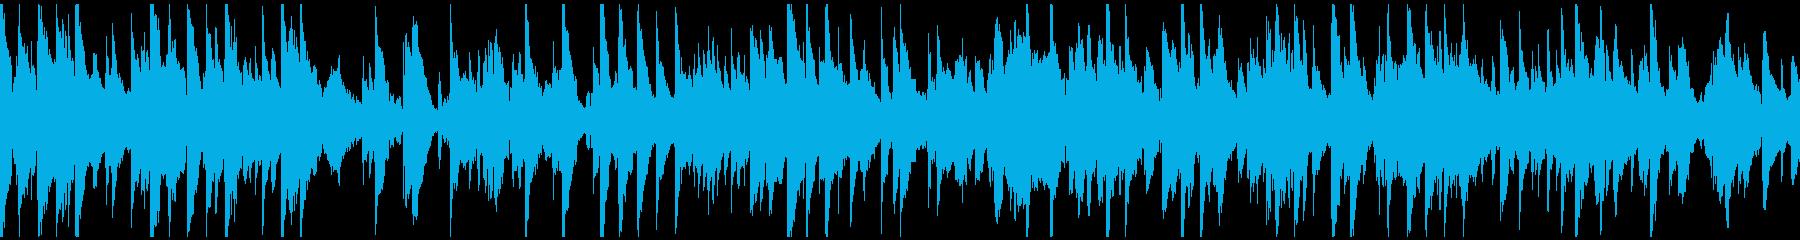 ラブシーン向けのサックス ※ループ仕様版の再生済みの波形